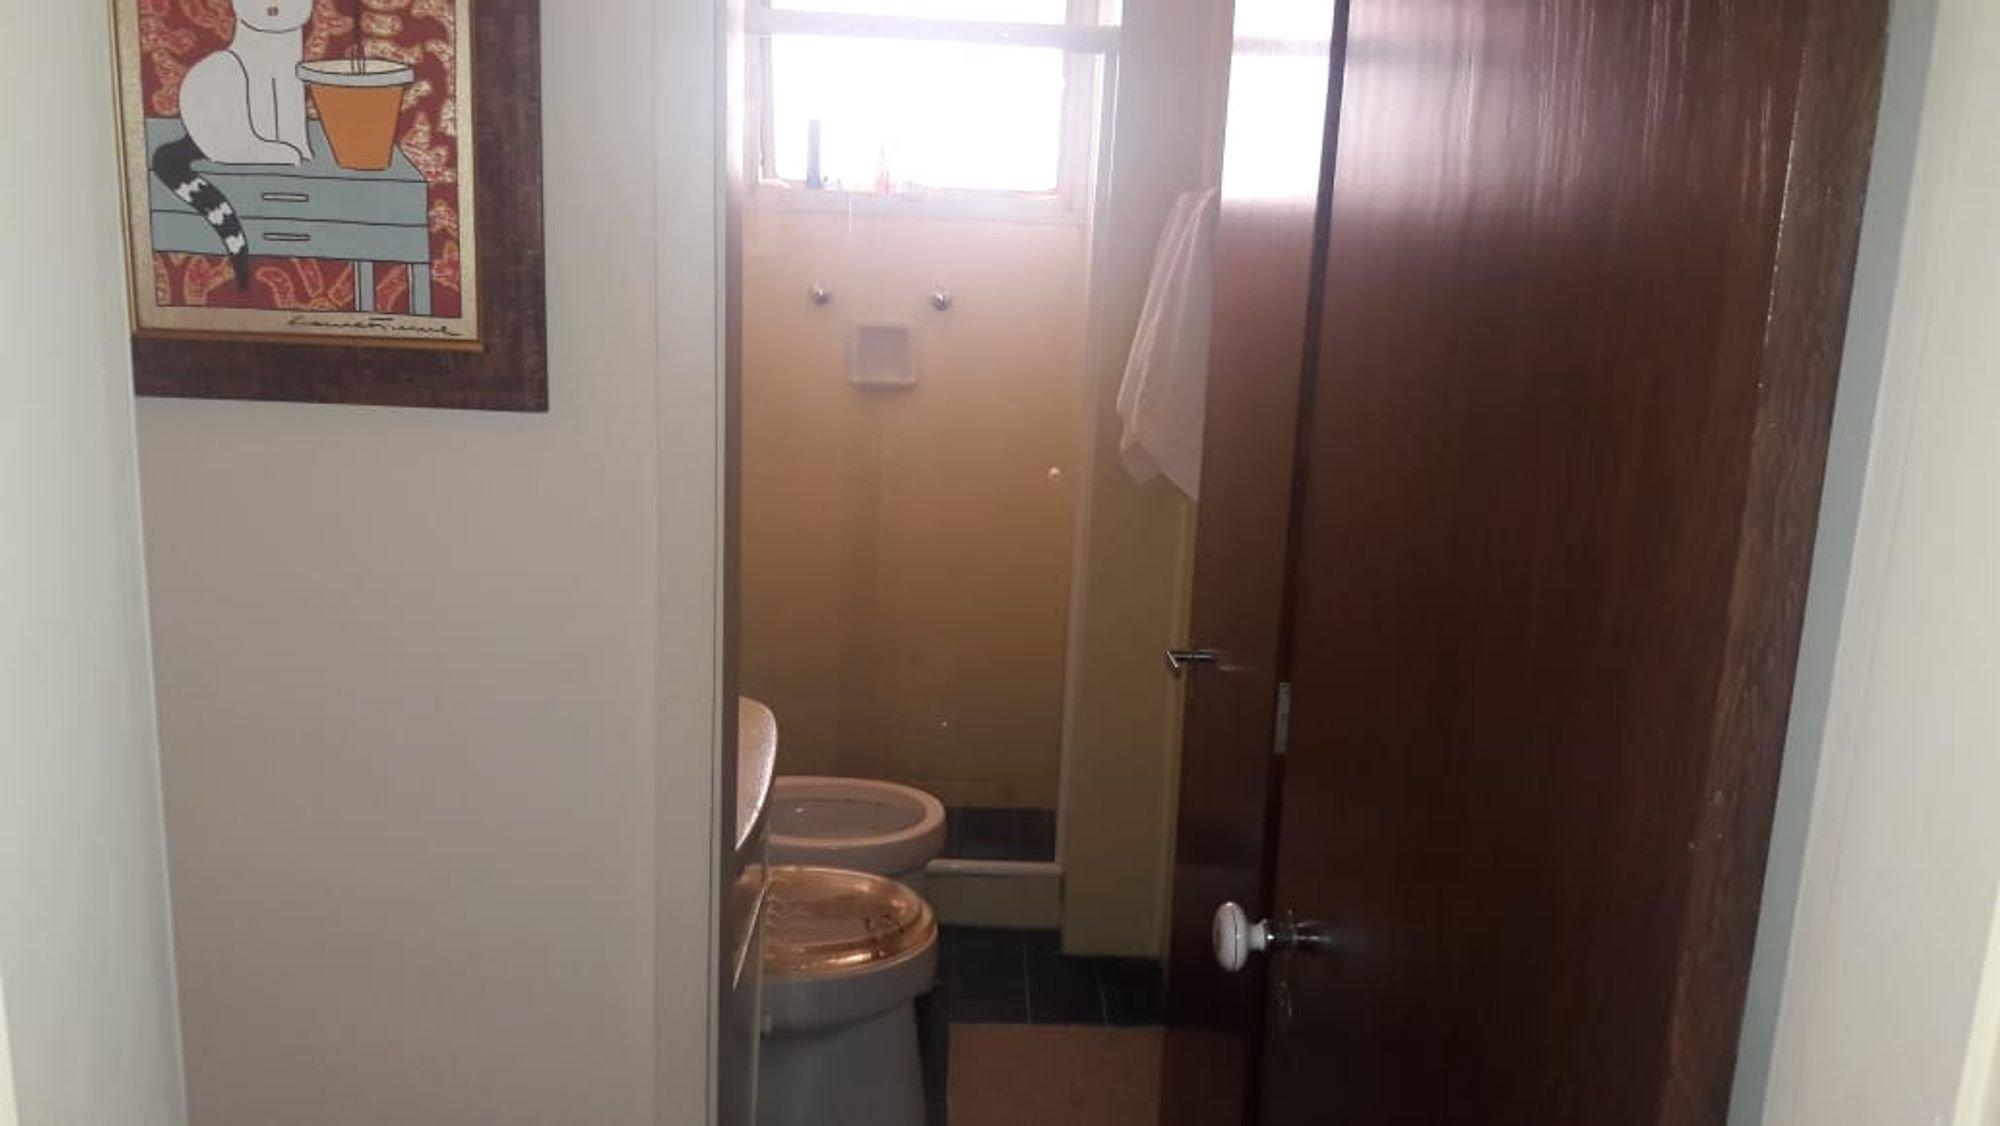 Foto de Hall com vaso sanitário